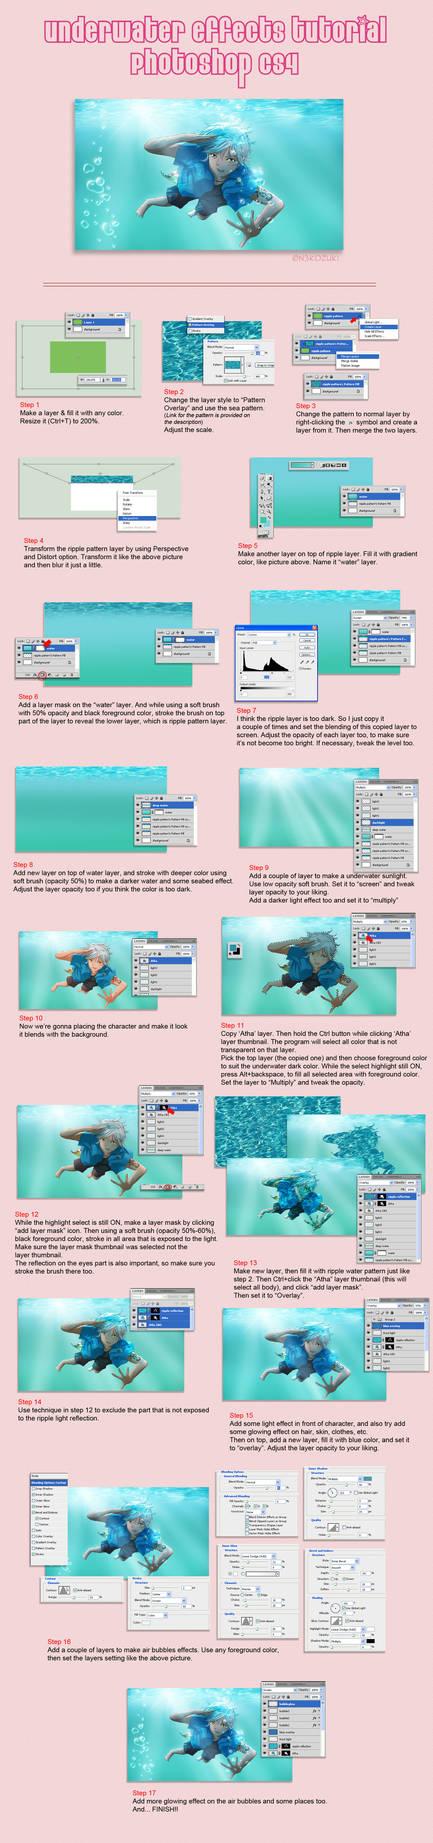 Photoshop : Underwater Effects Tutorial